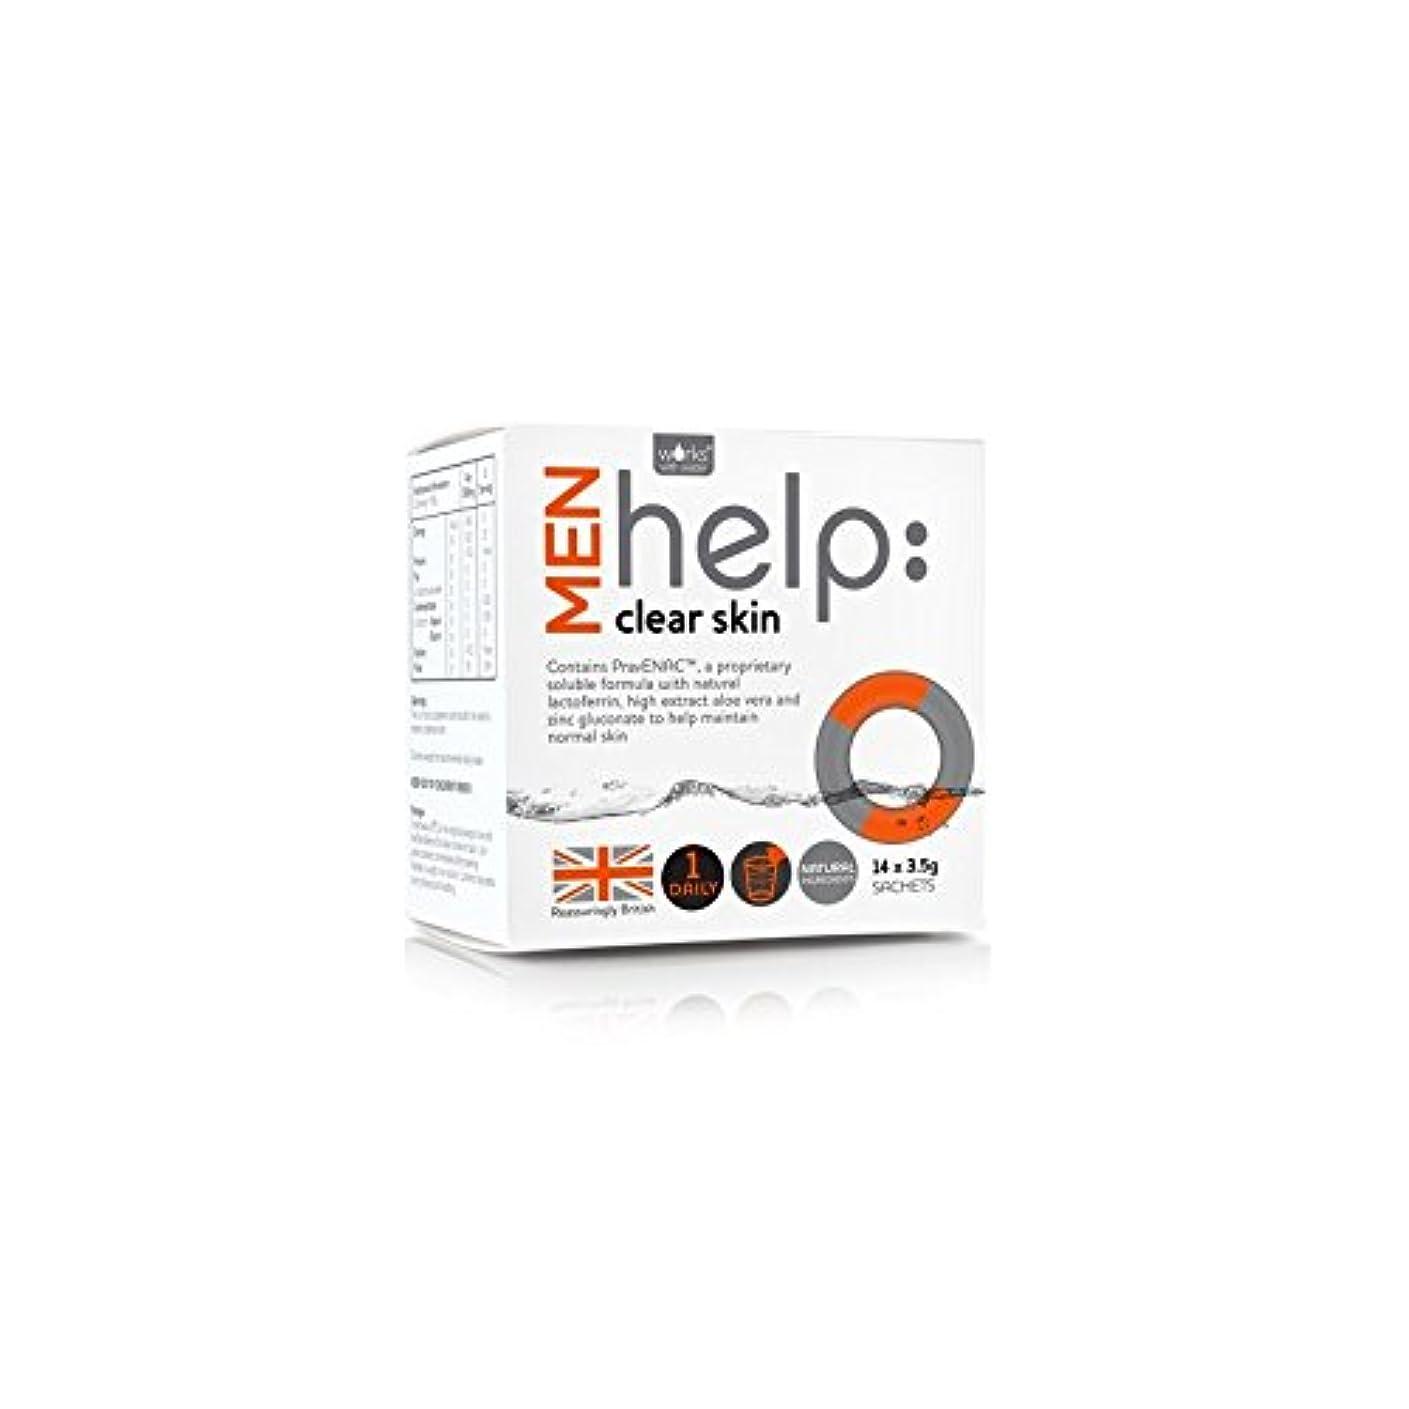 男やもめ夏虚偽Works With Water Men's Help: Clear Skin Soluble Supplement (14 X 3.5G) - クリアな肌可溶性サプリメント(14 3.5グラム):水男性の助けを借りて動作...